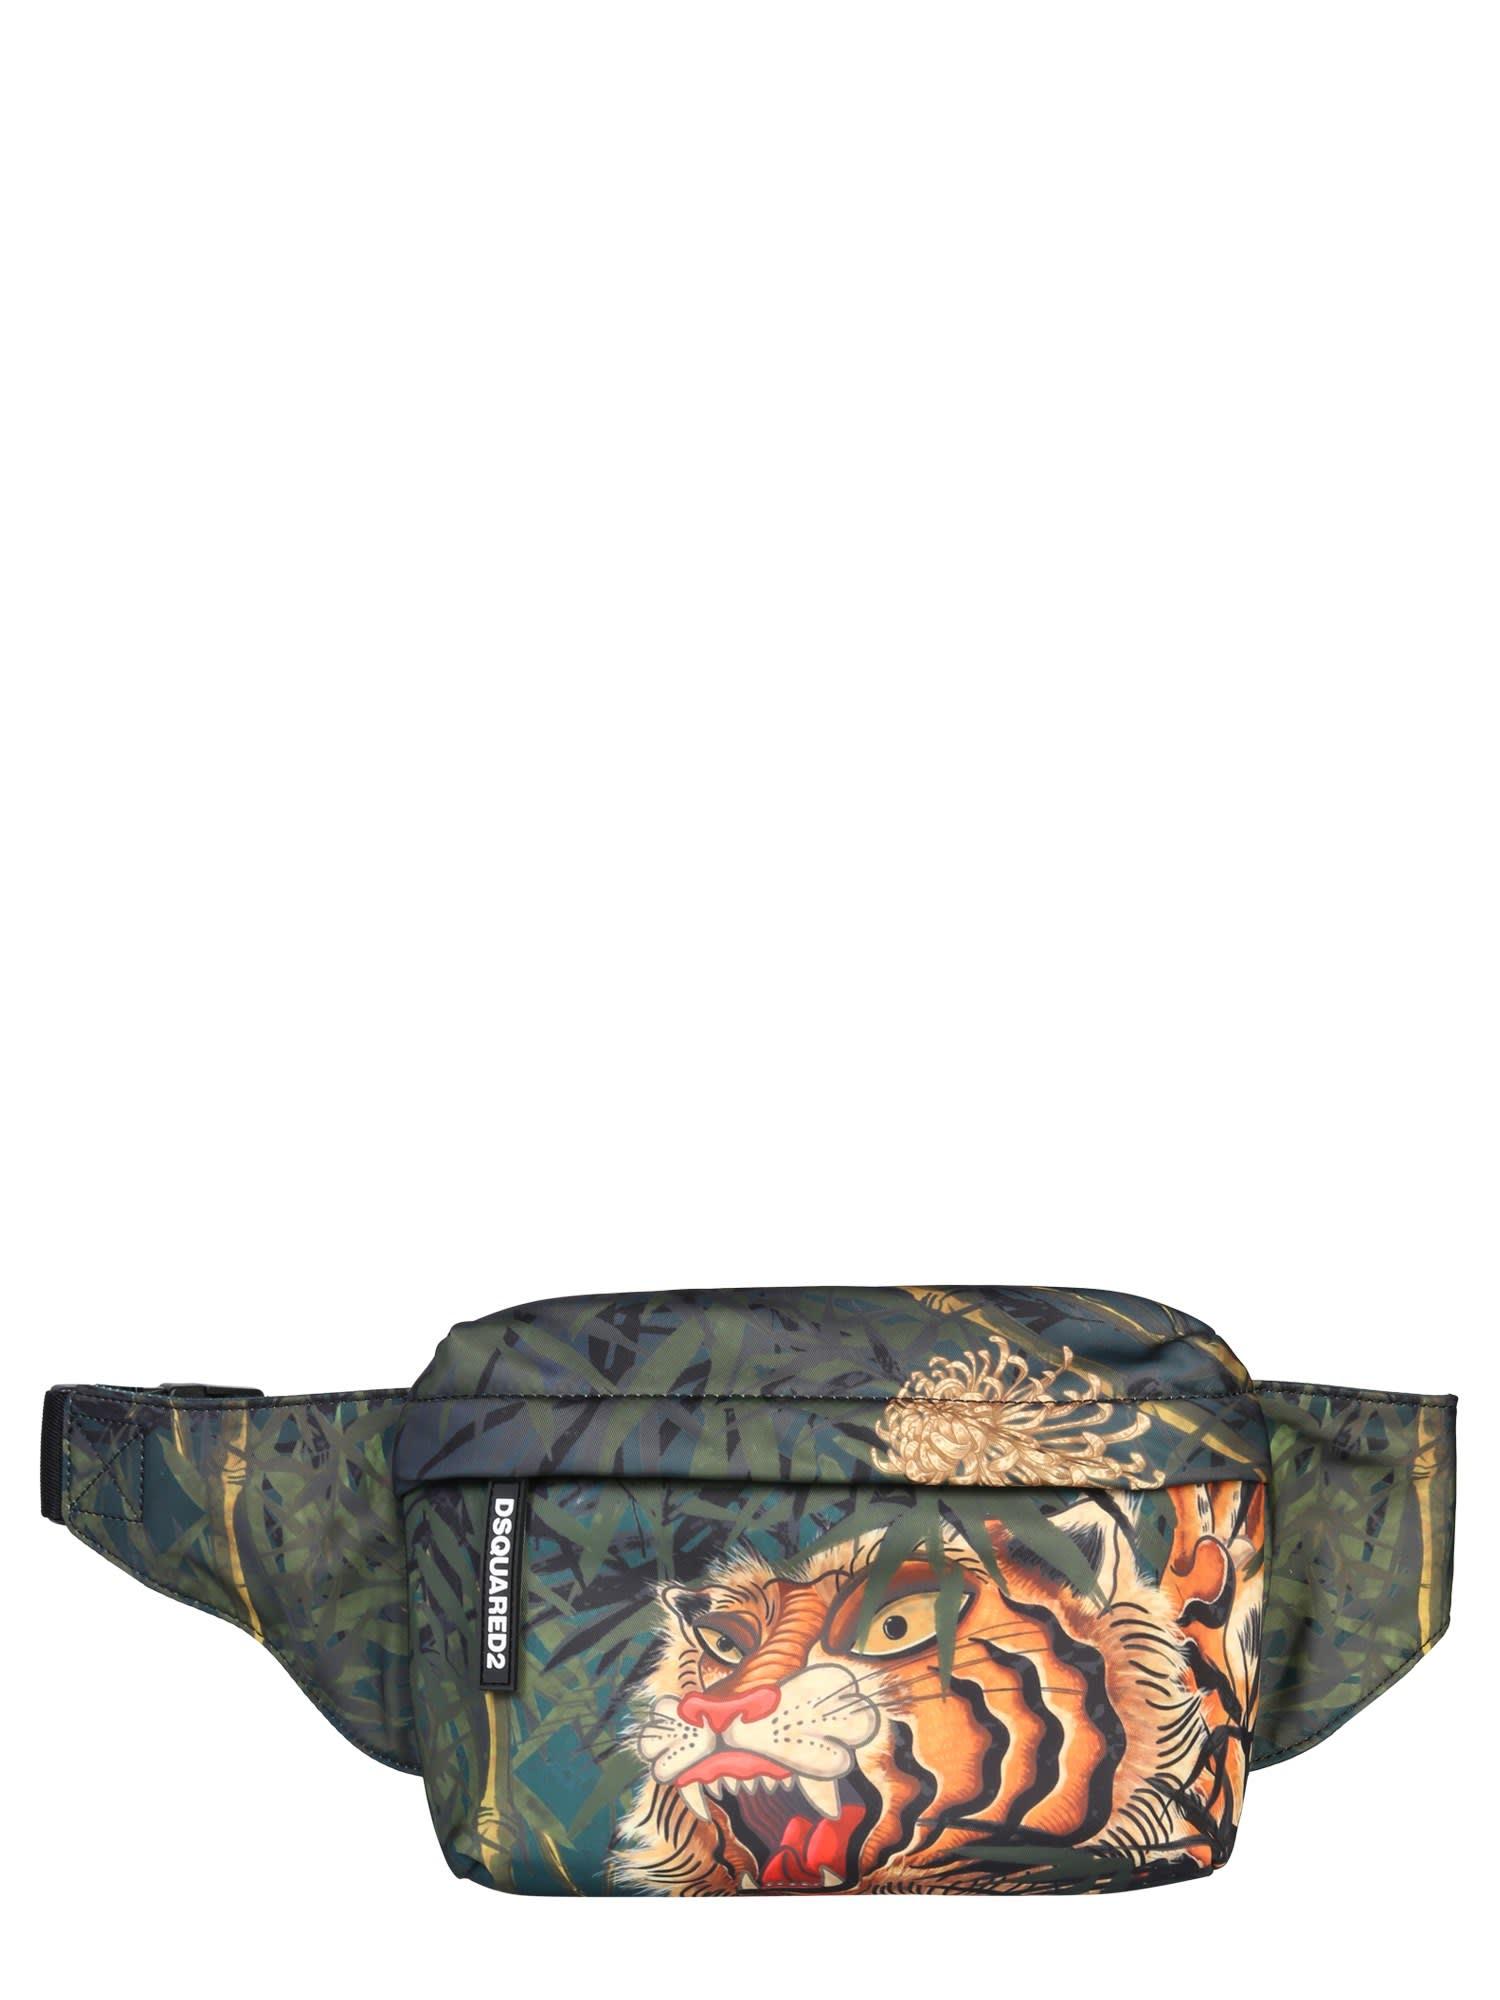 Dsquared2 Tiger Print Pouch In Multicolor